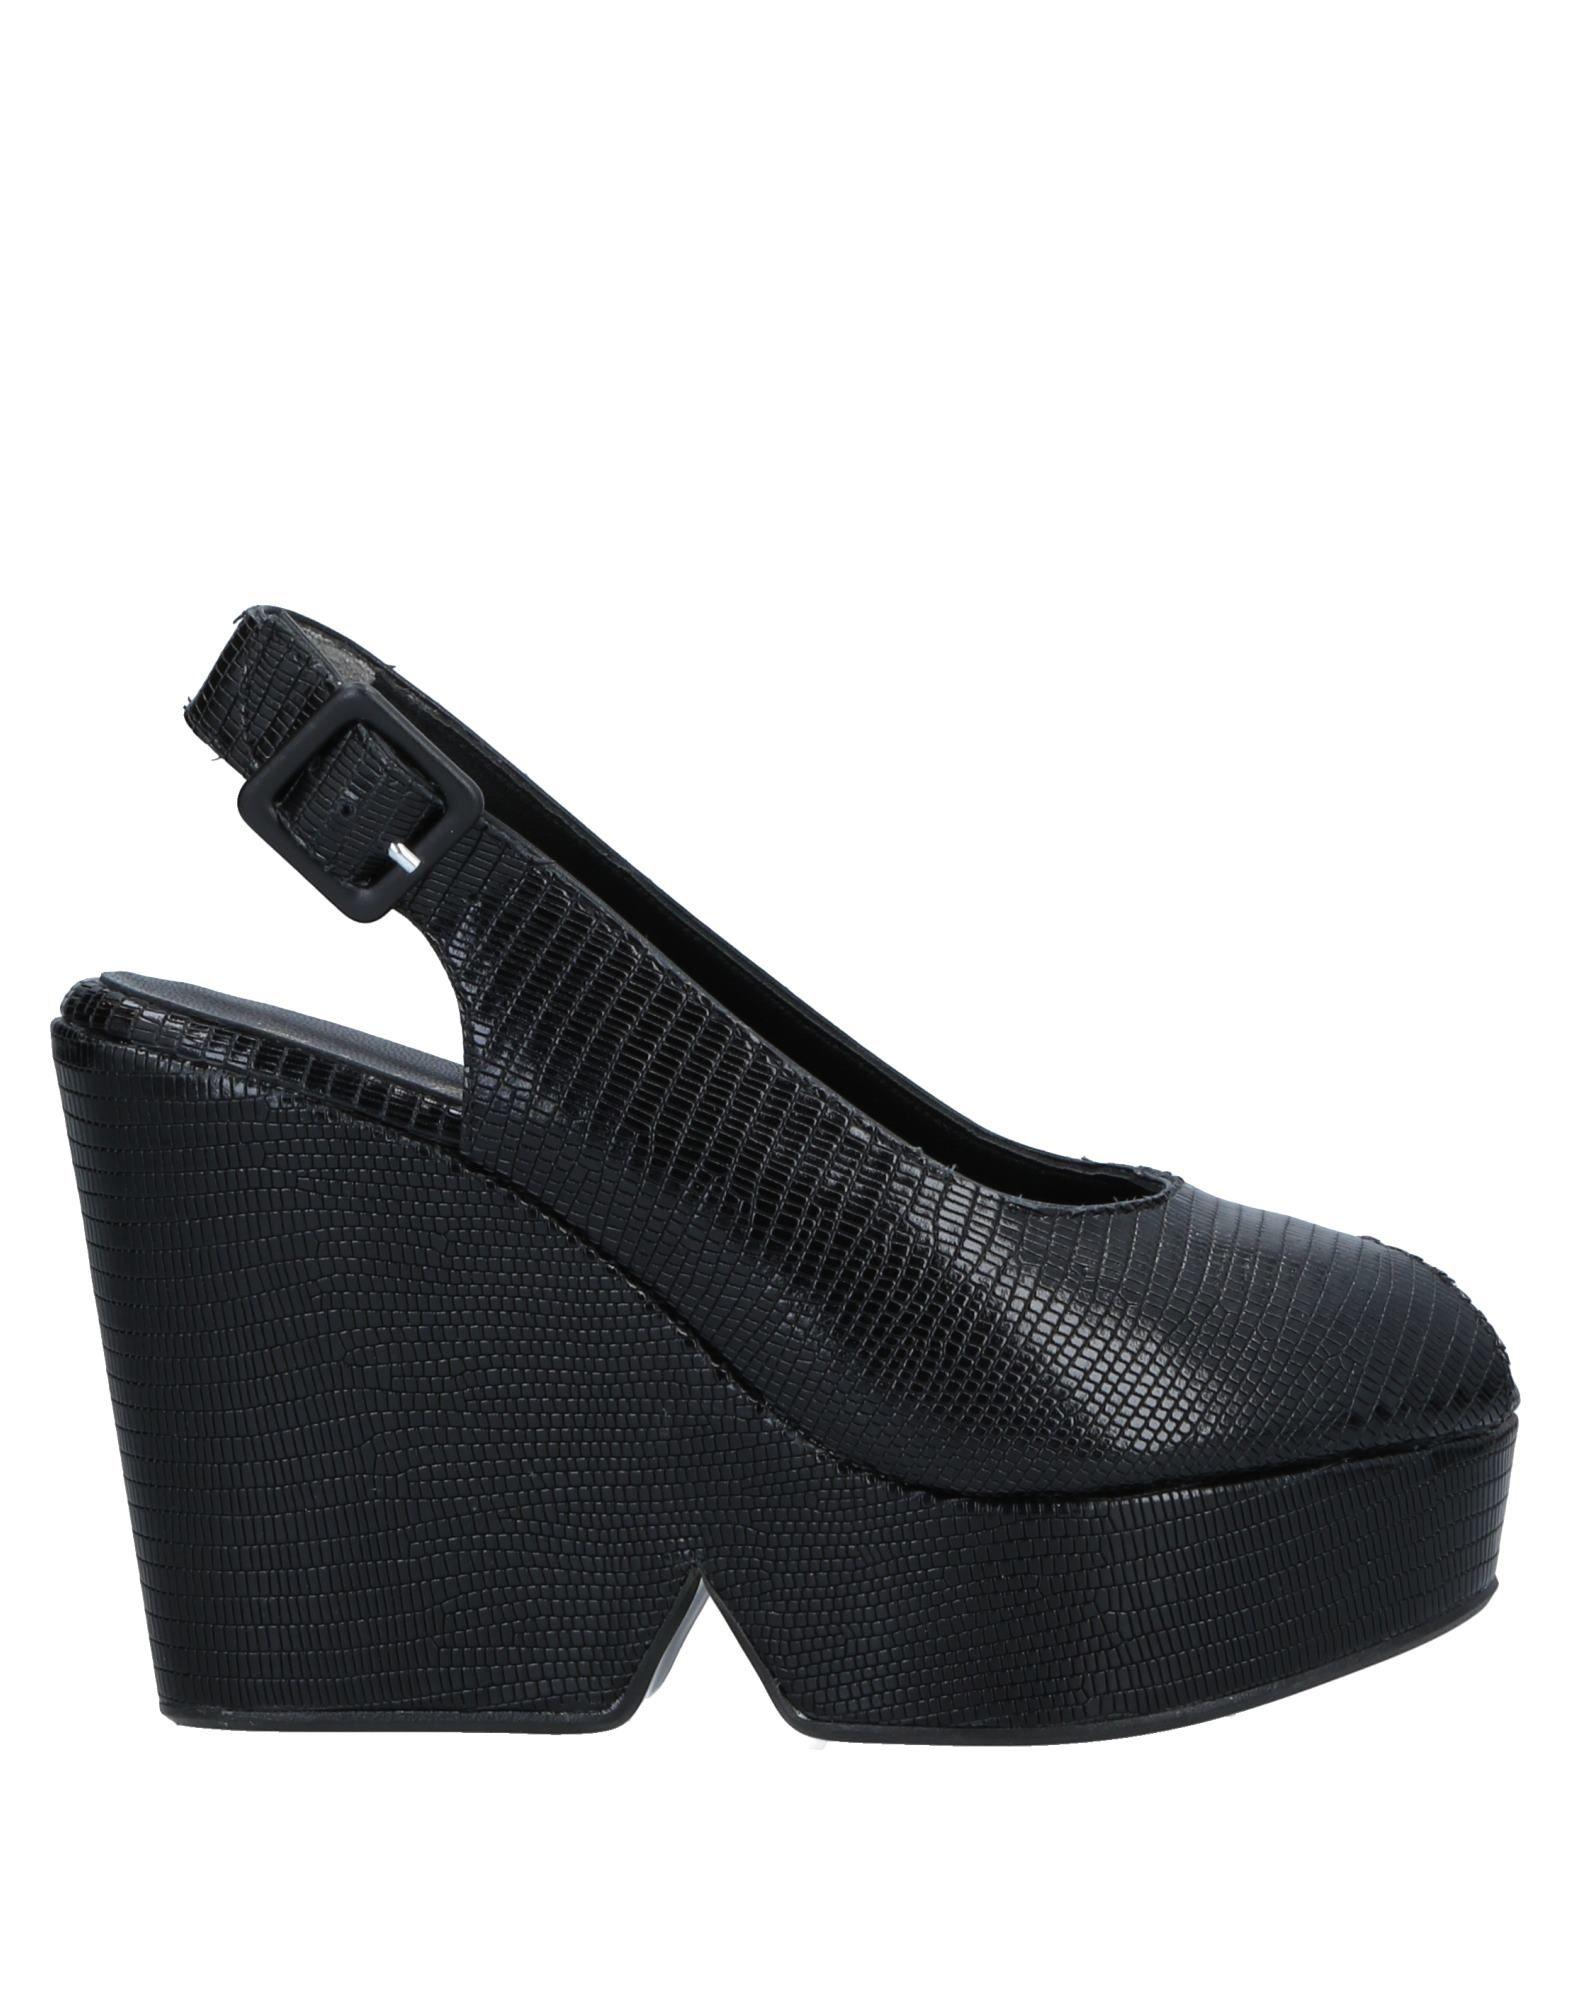 Rabatt Schuhe  Robert Clergerie Sandalen Damen  Schuhe 11527838VI dc6c3e